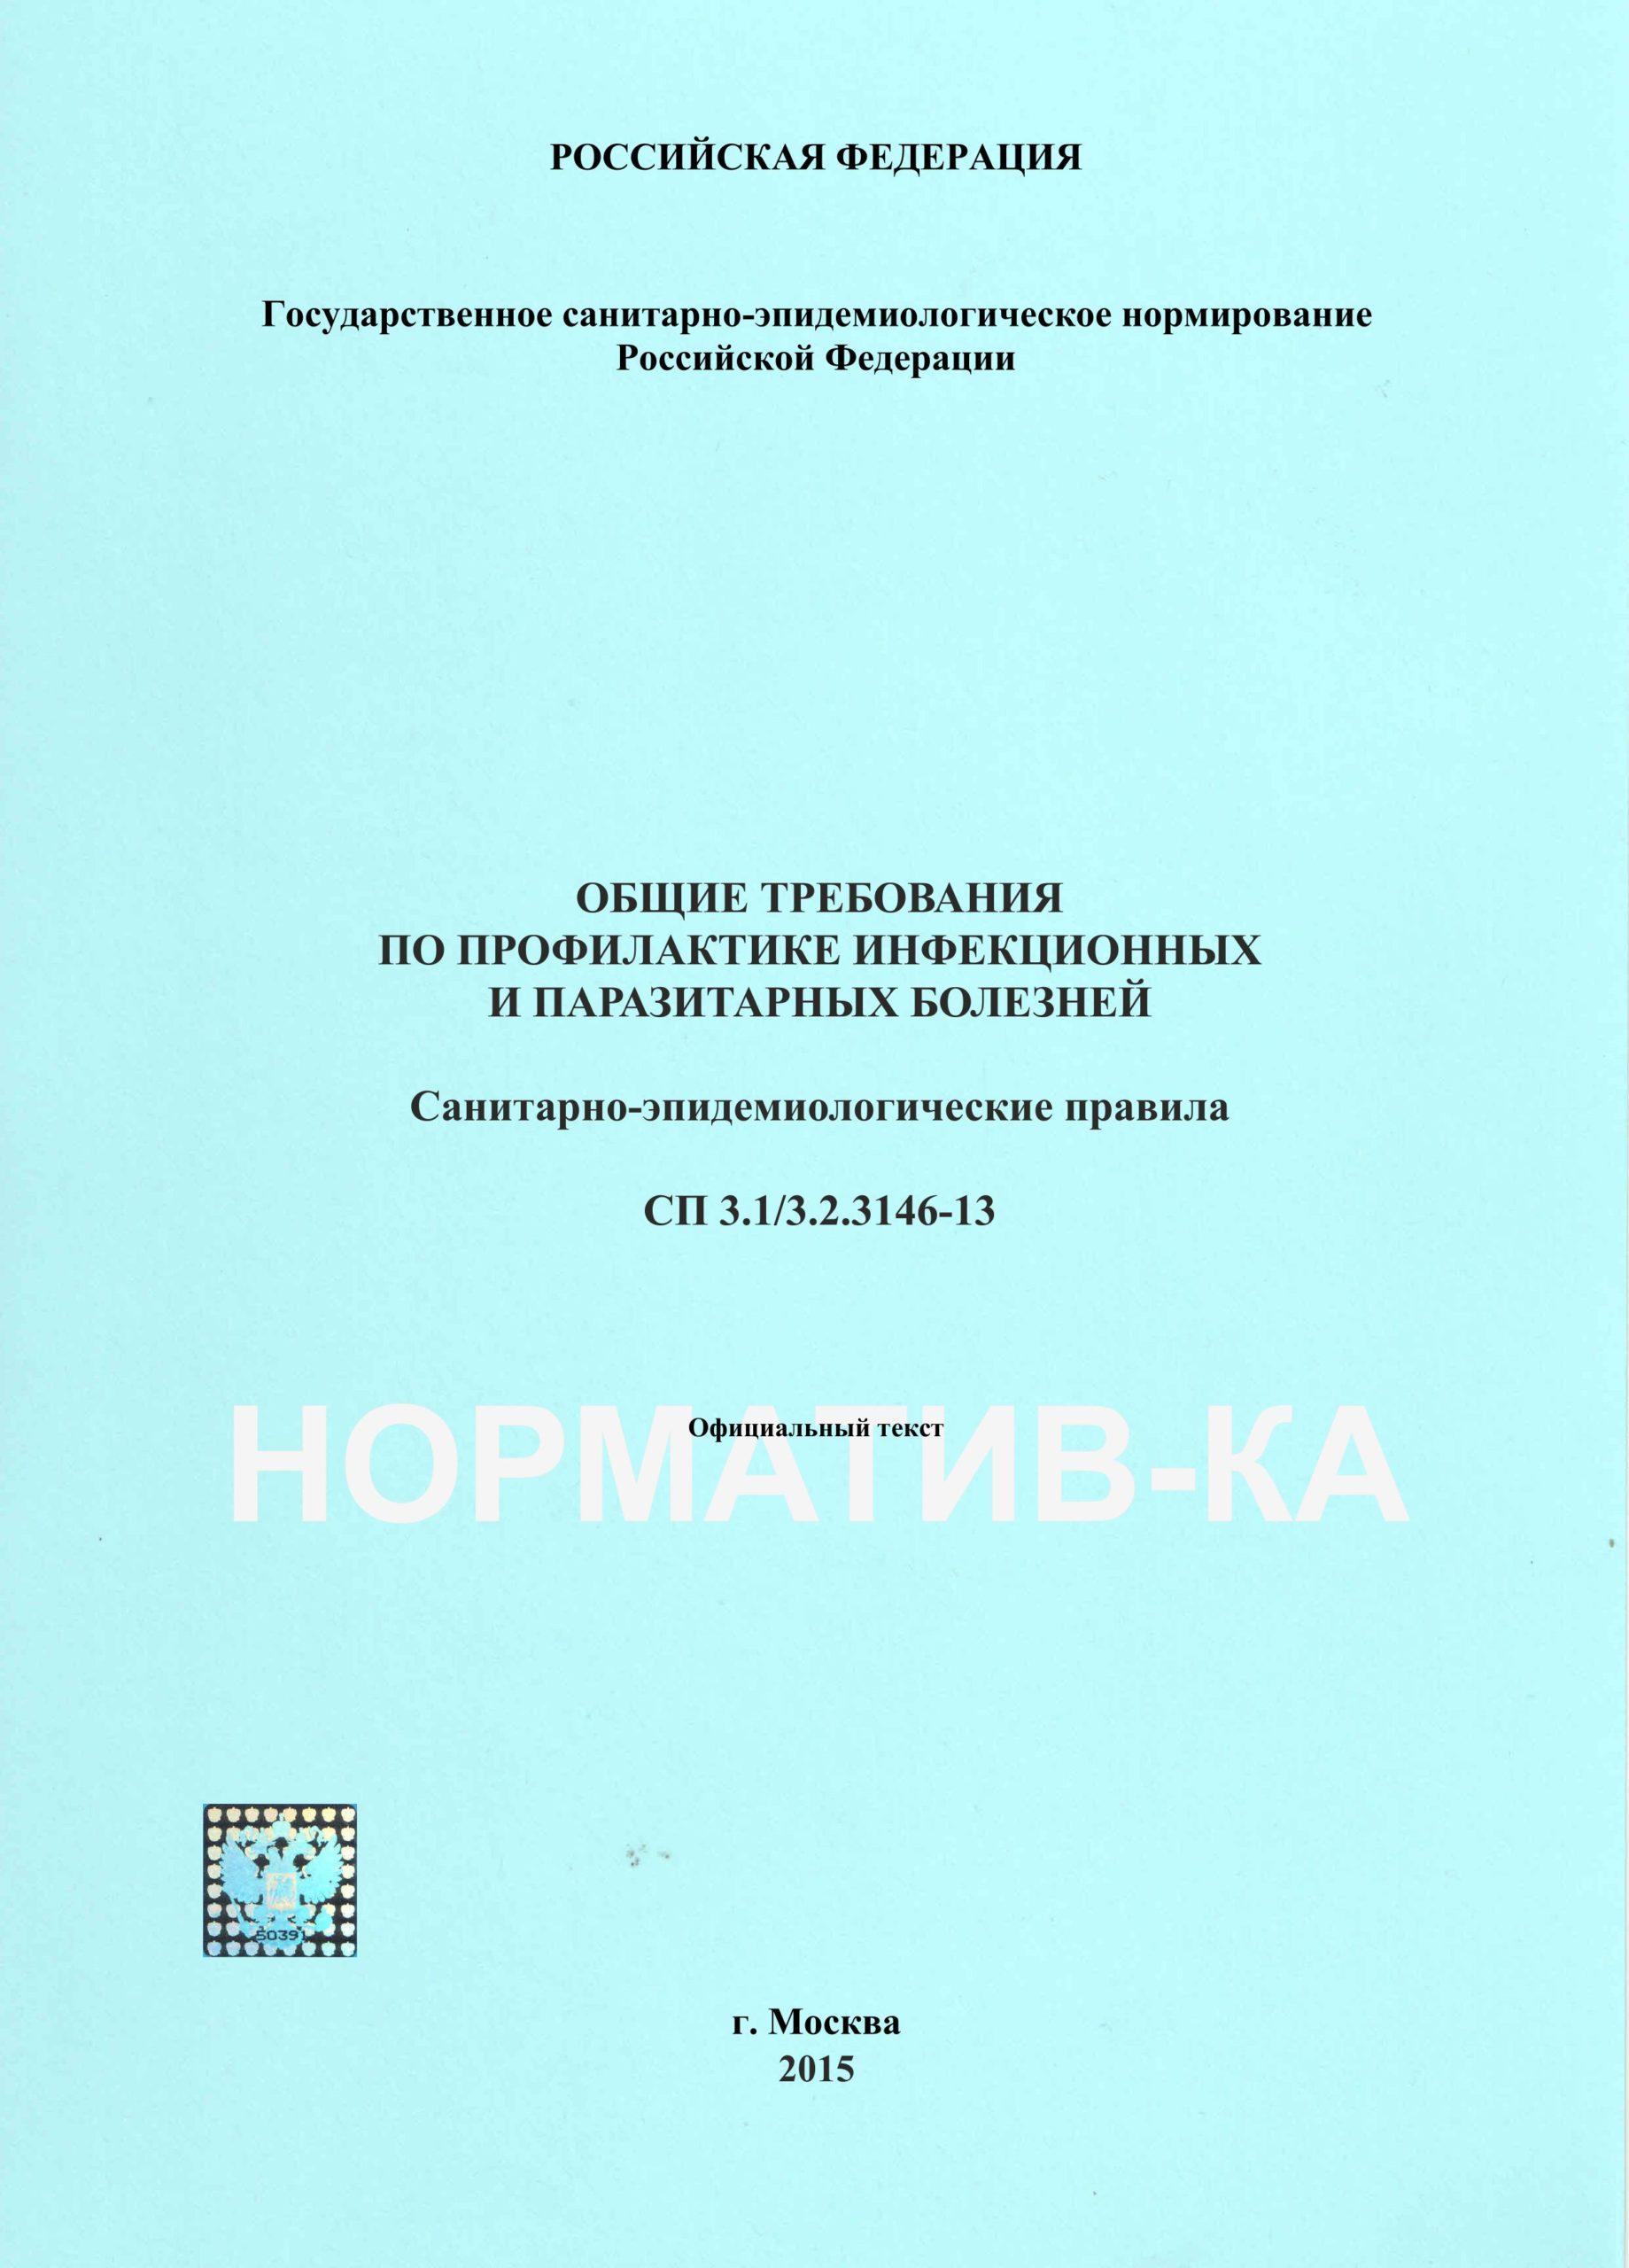 СП 3.1/3.2.3146-13